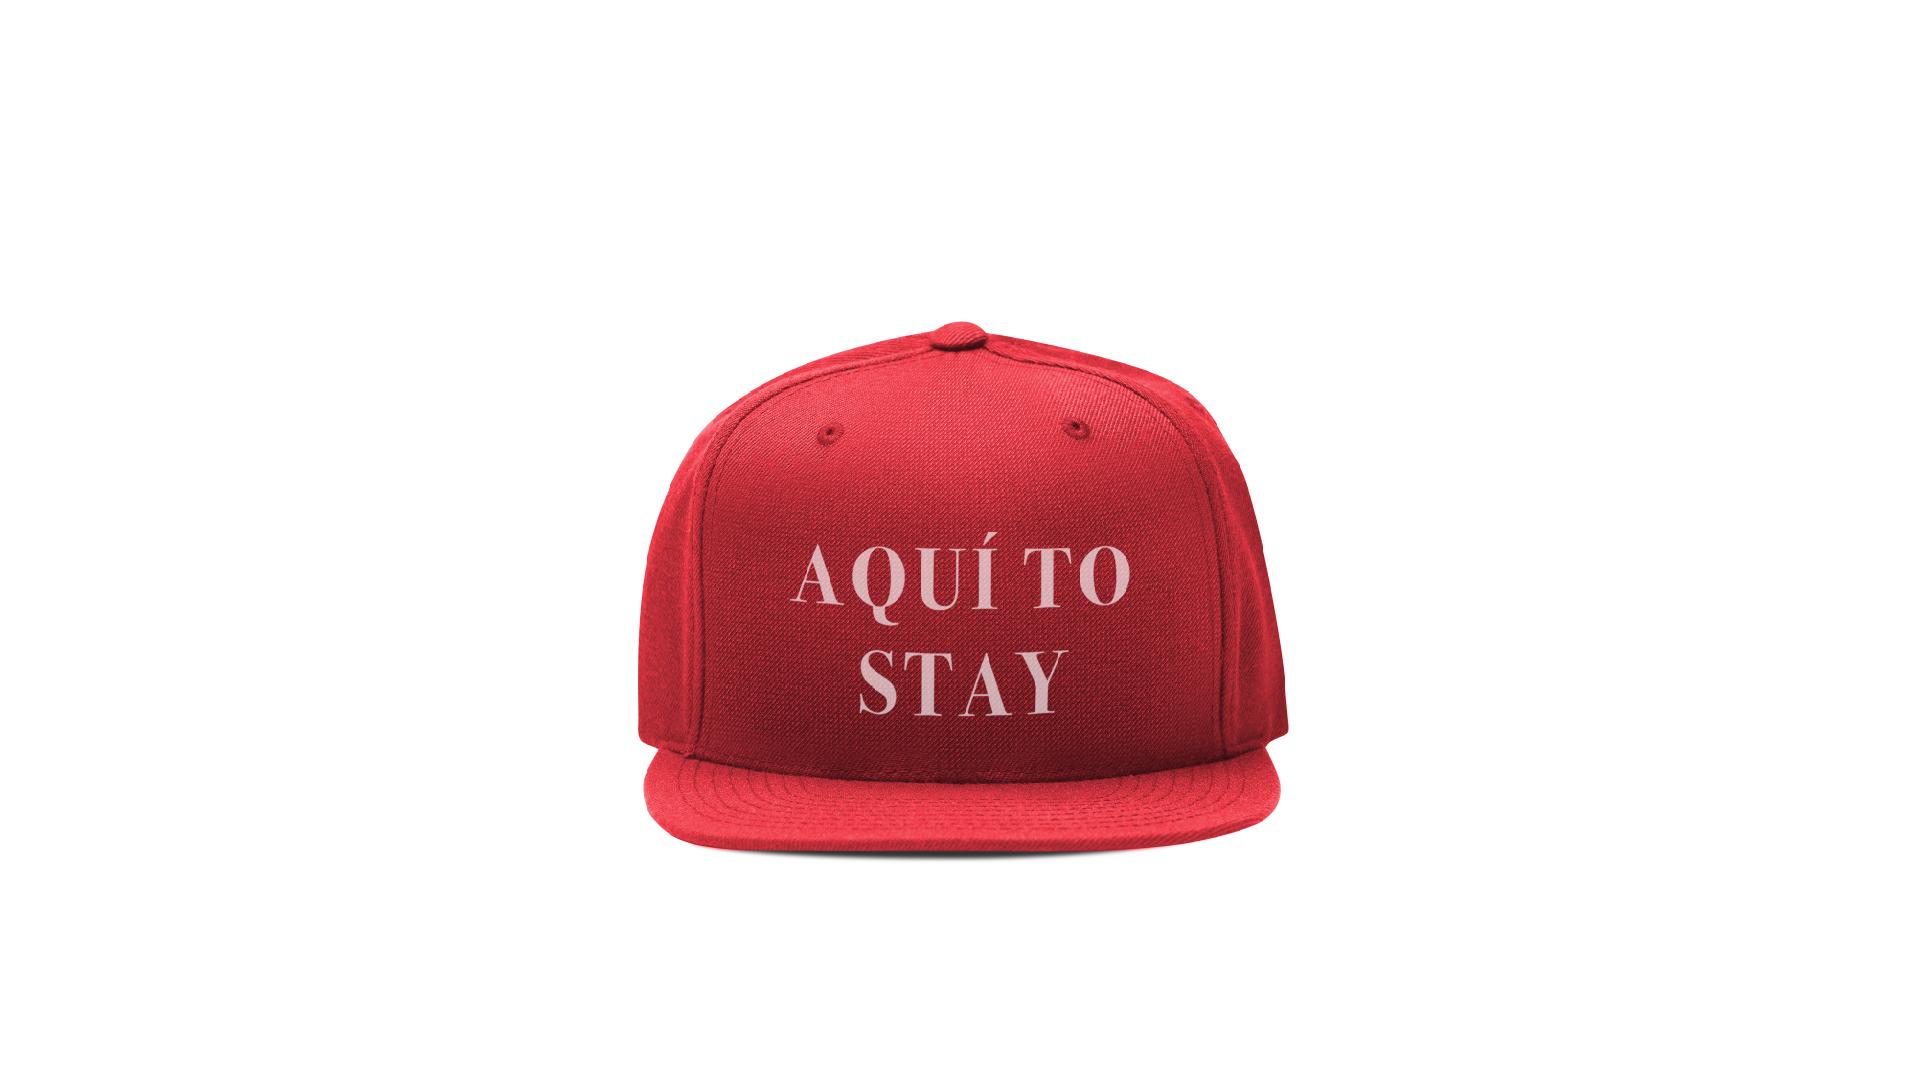 Aqui To Stay cap graphic design